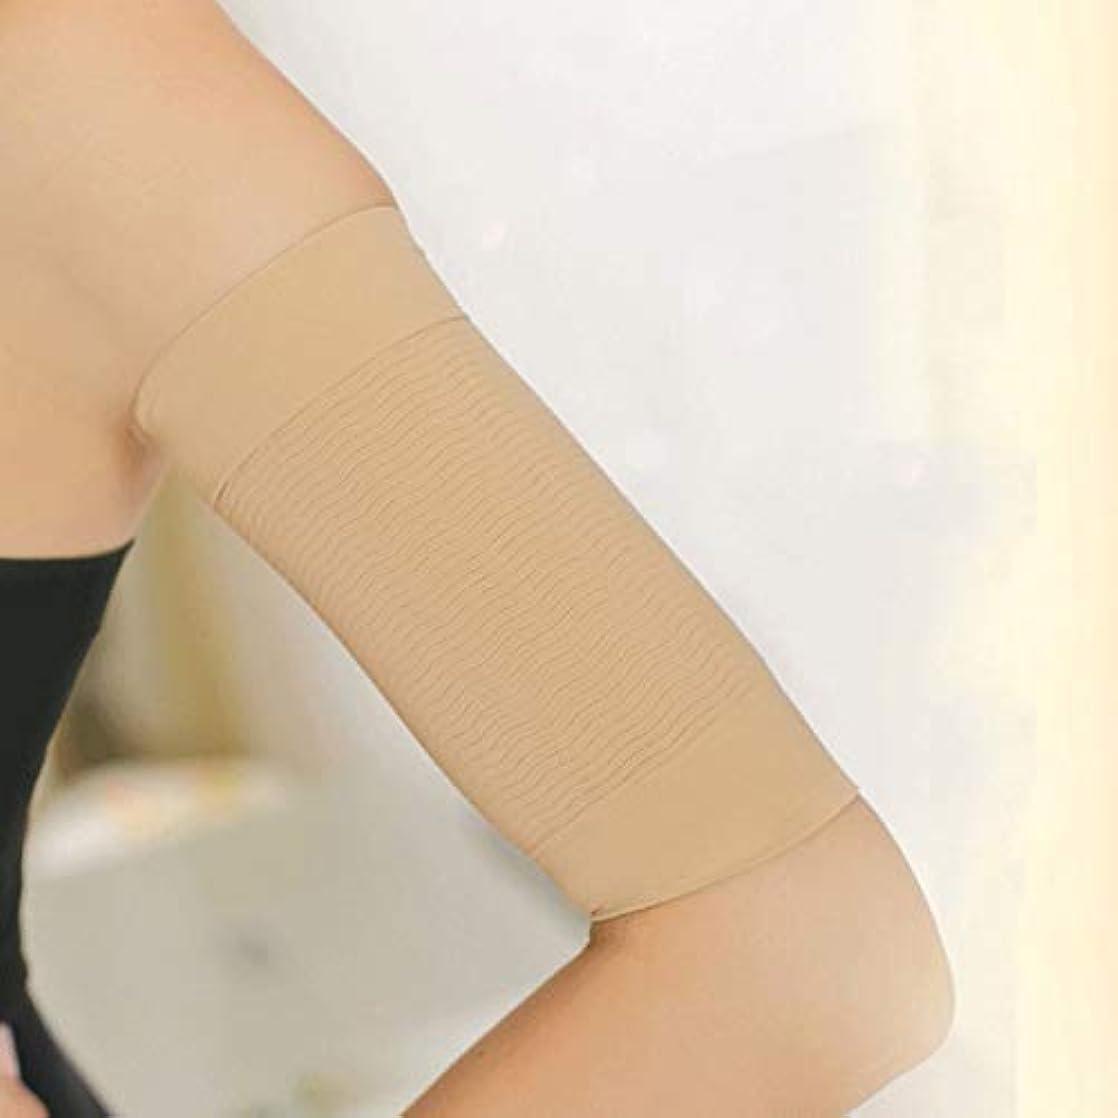 取り壊す要求するバーゲン1ペア420 d圧縮痩身アームスリーブワークアウトトーニングバーンセルライトシェイパー脂肪燃焼袖用女性